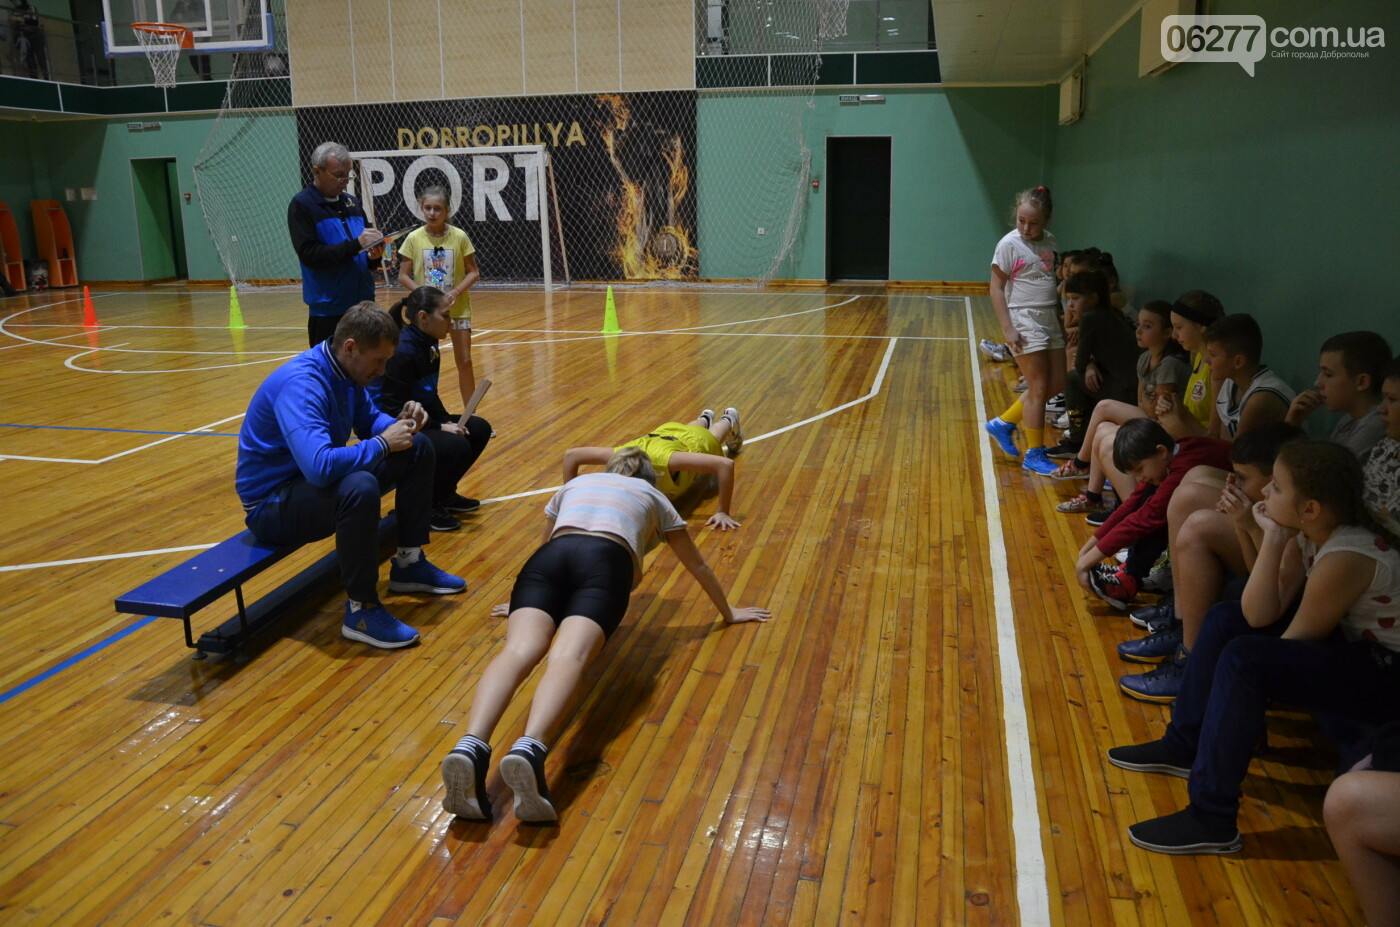 У Добропіллі продовжується щорічне оцінювання фізичної підготовки населення, фото-2